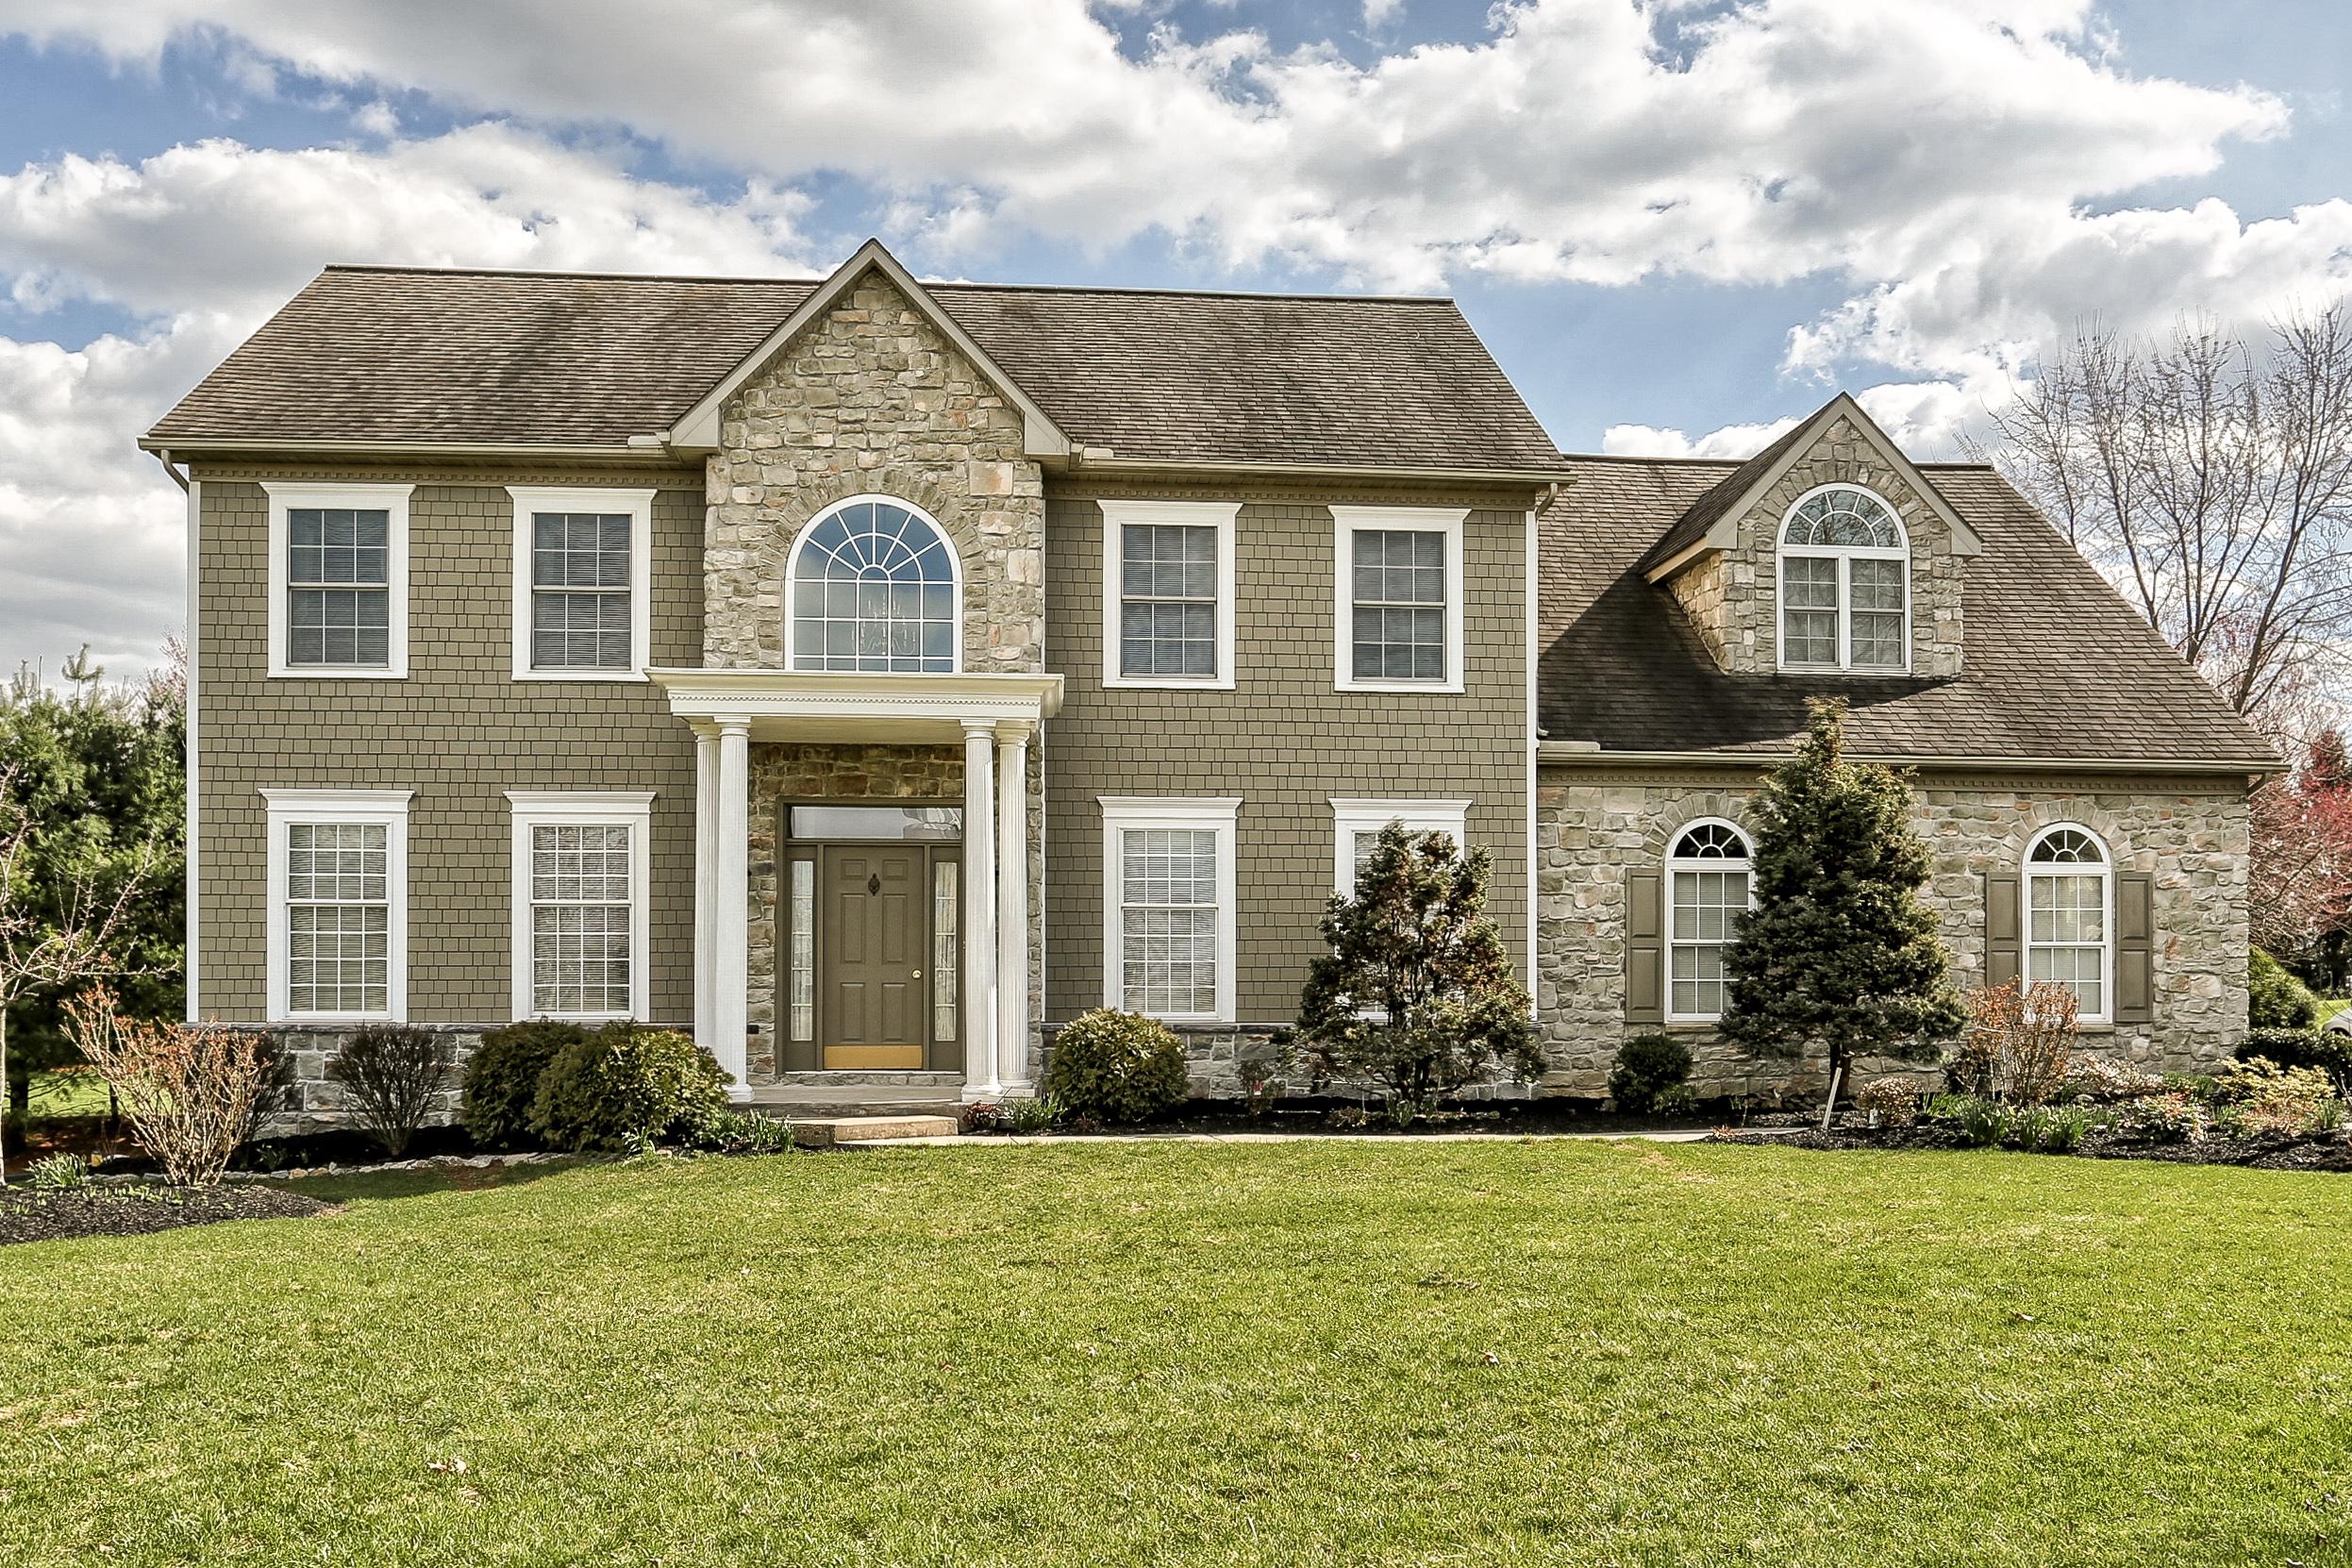 Maison unifamiliale pour l Vente à 304 Sarsen Drive Lititz, Pennsylvanie 17543 États-Unis